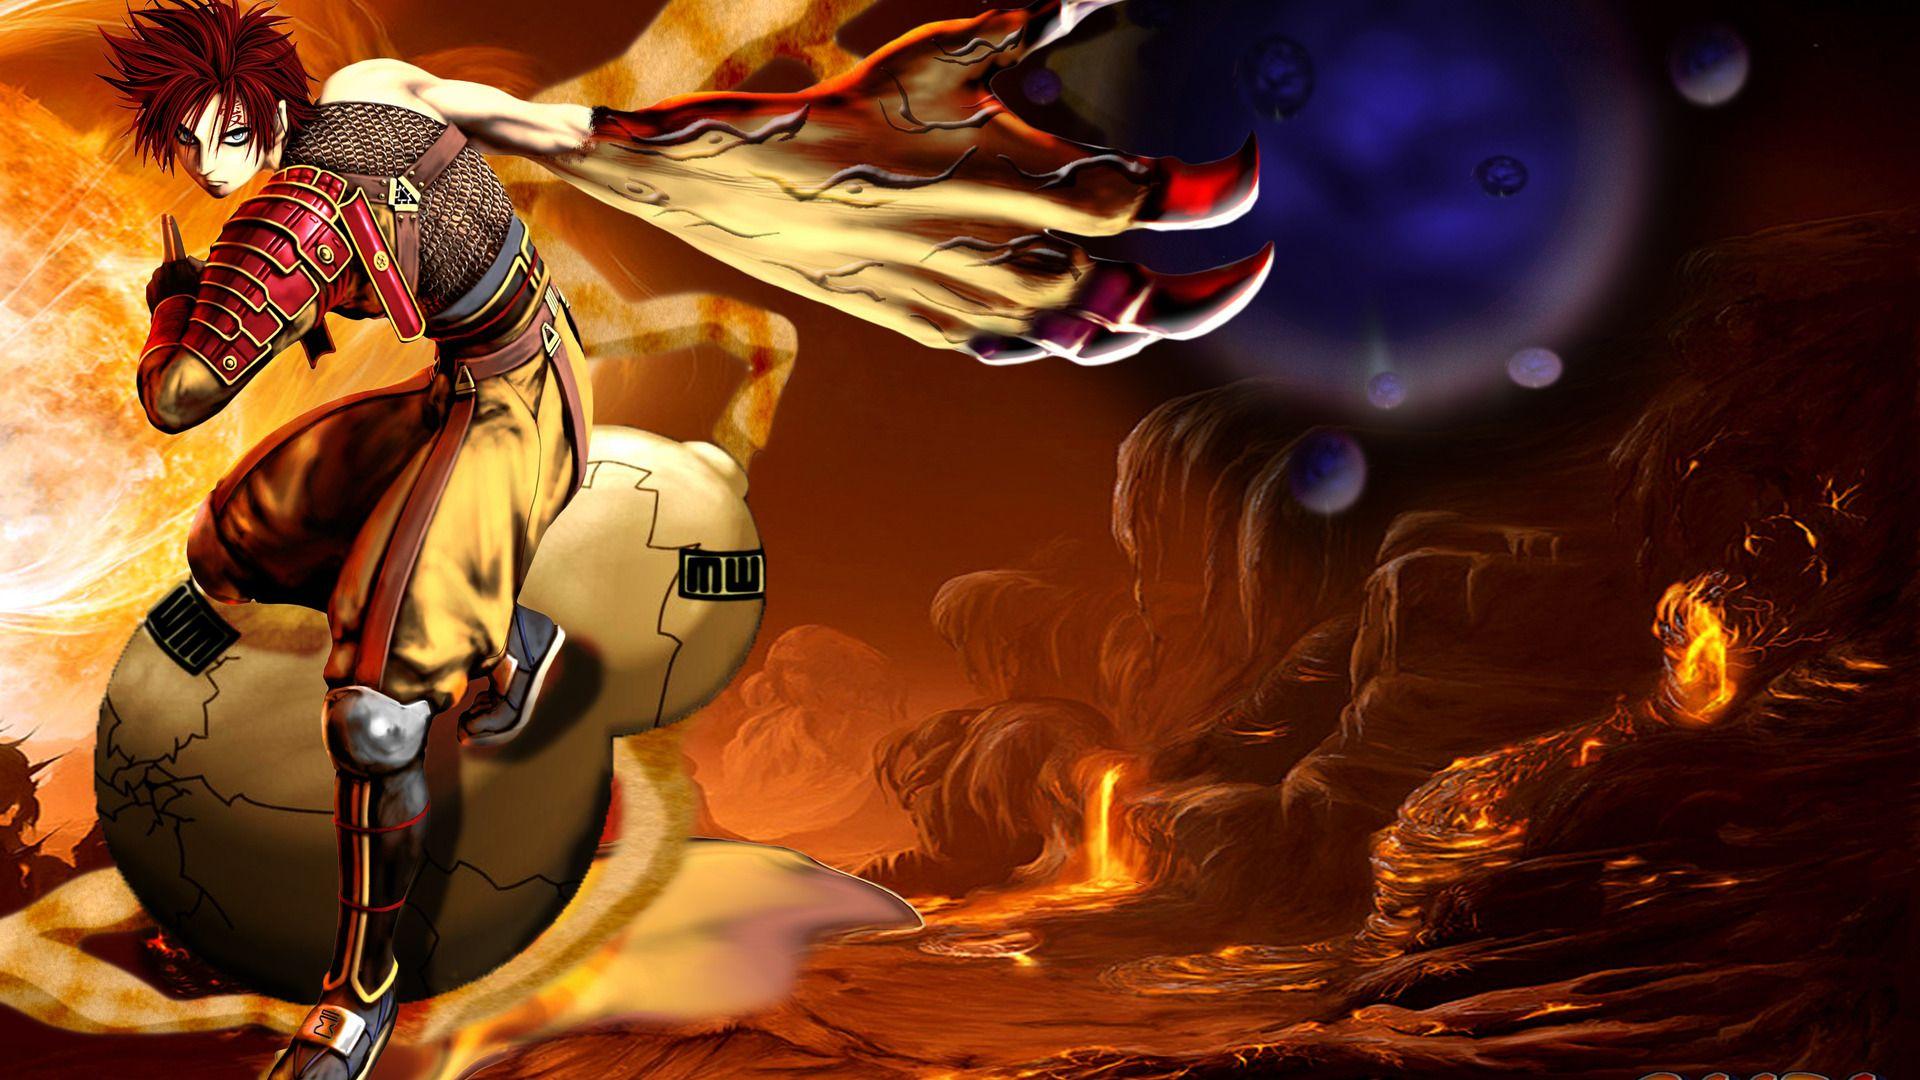 74 Gaara Naruto HD Wallpapers